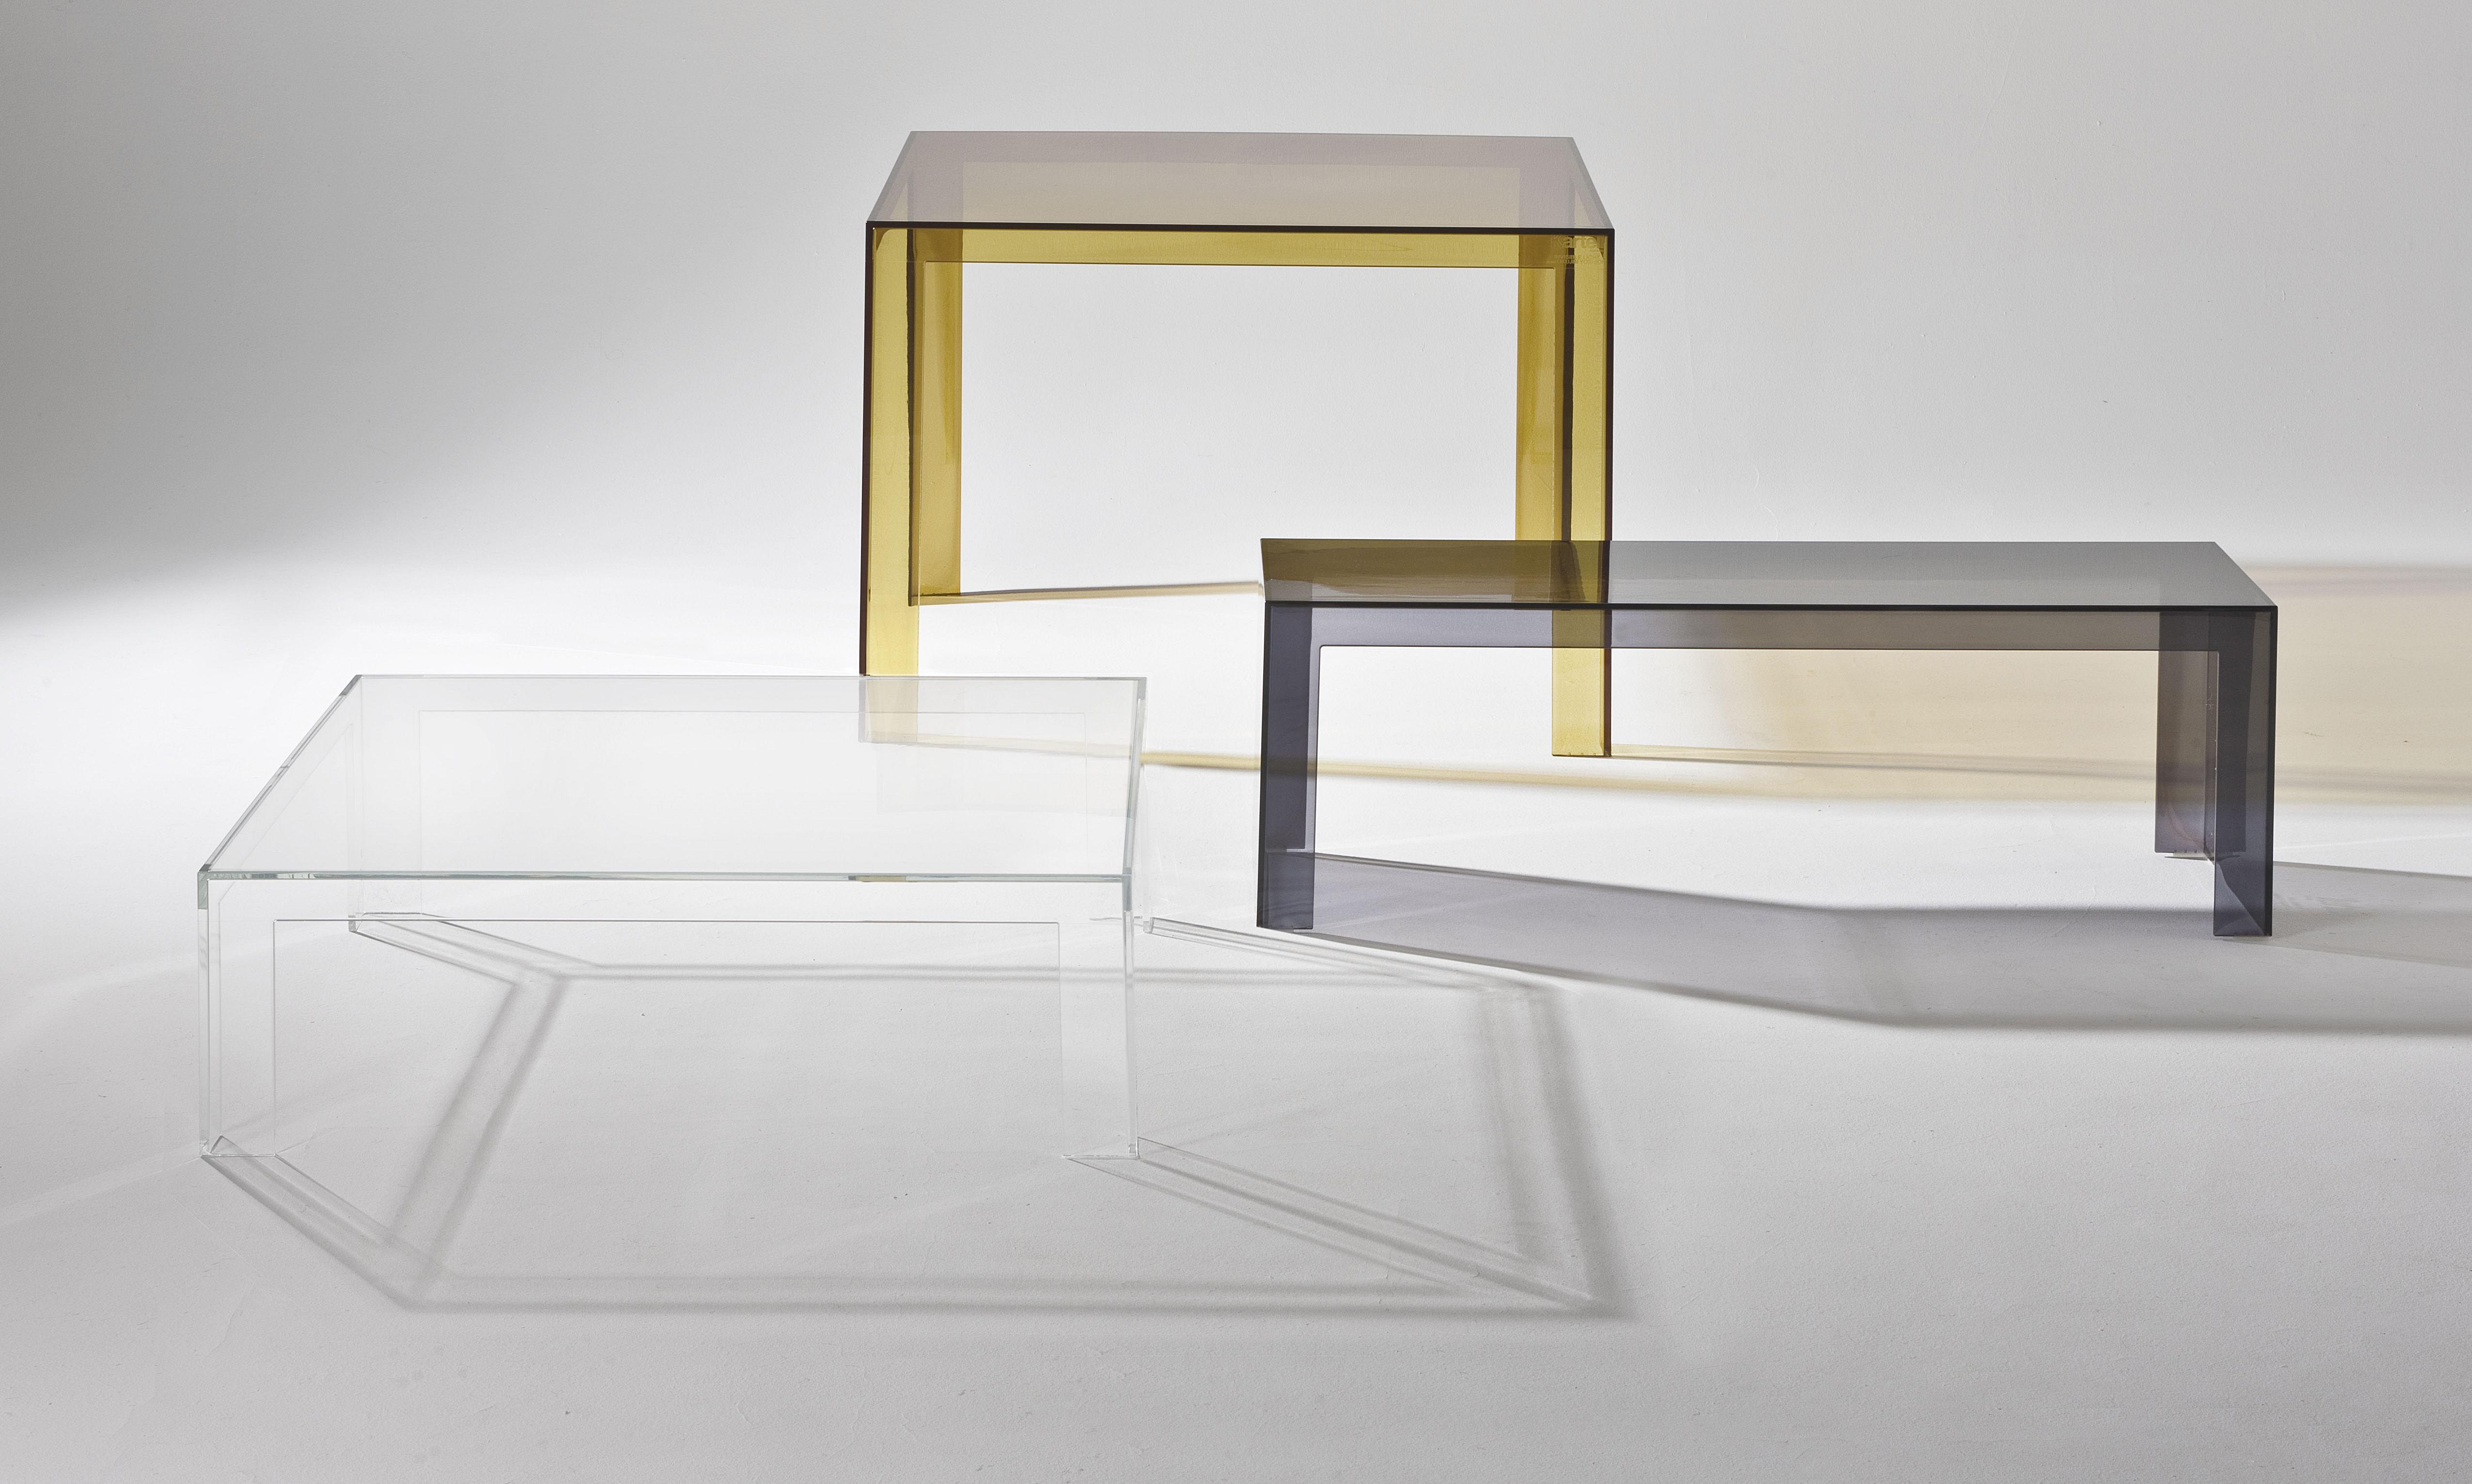 Scopri tavolino invisible low h 40 cm grigio fumé di kartell made